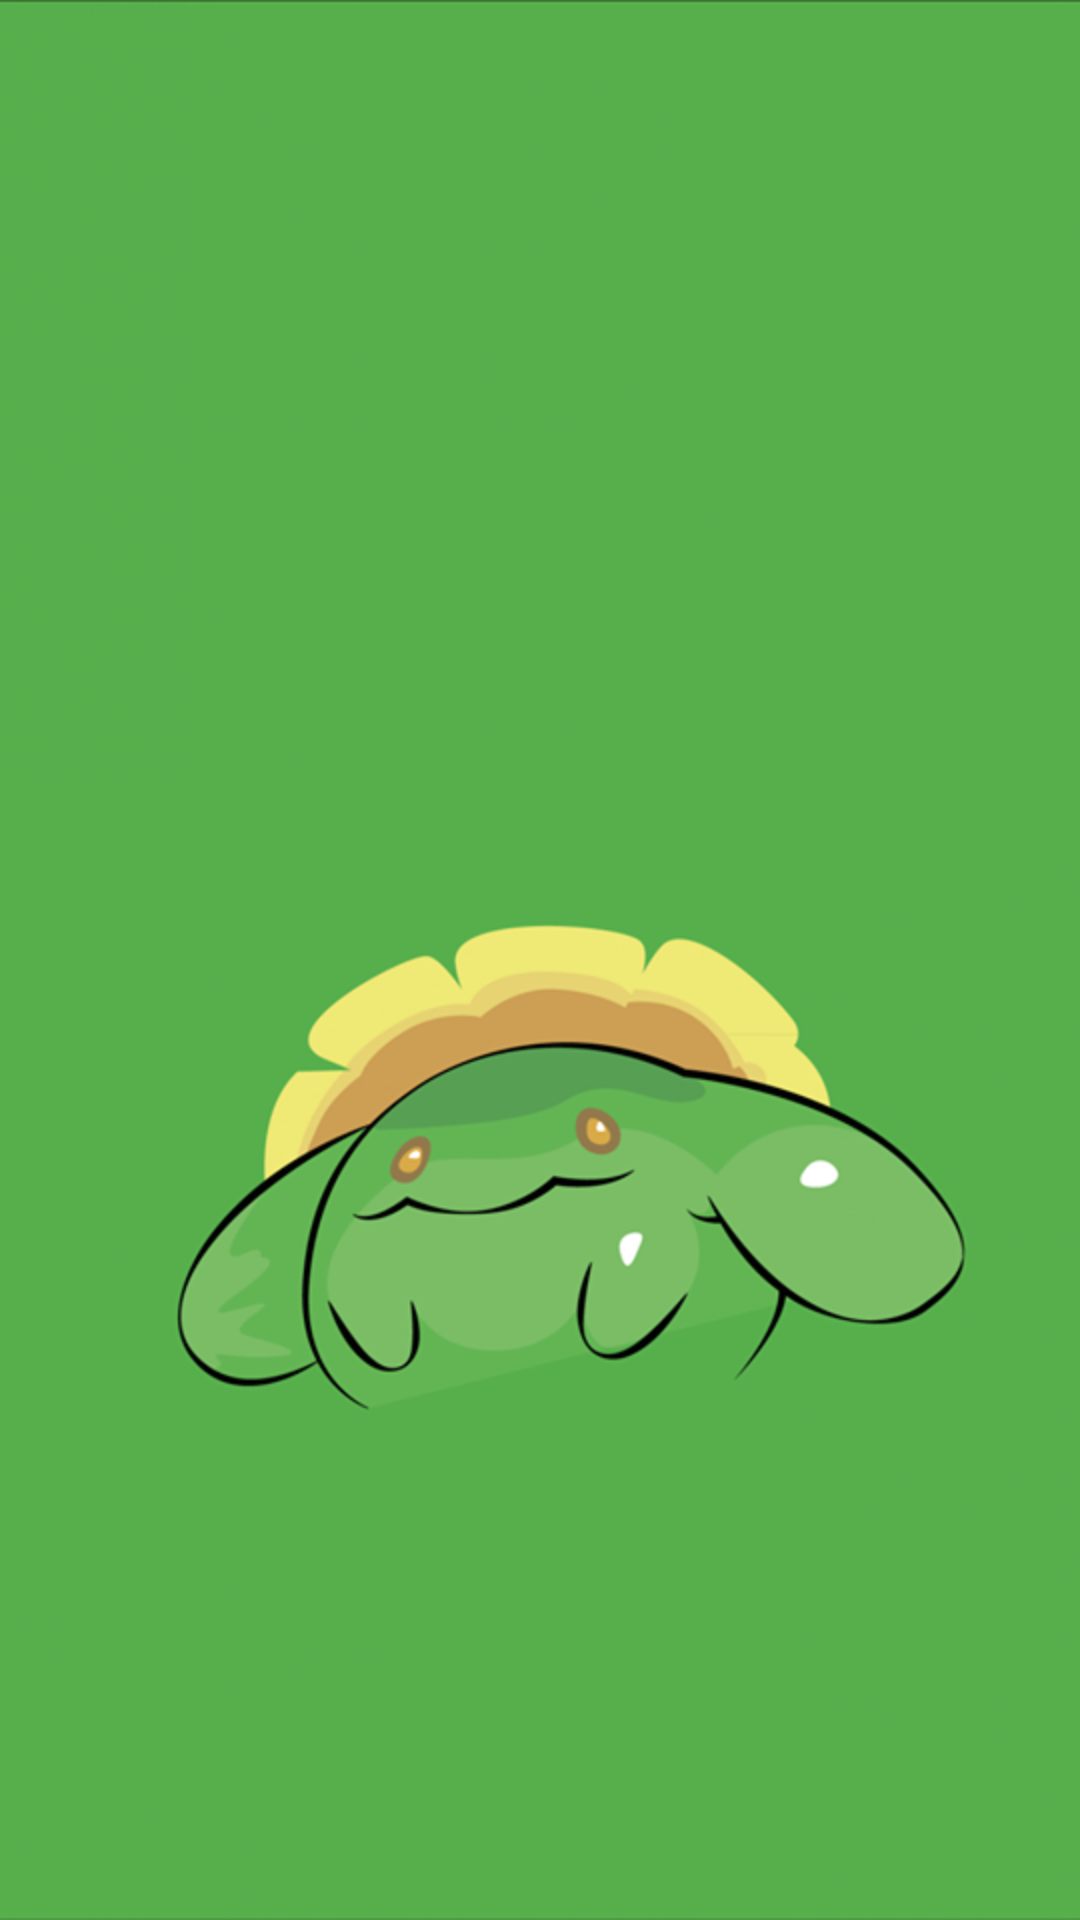 Skiploom – Tap to see more Pokemon Go Pokemons wallpaper …